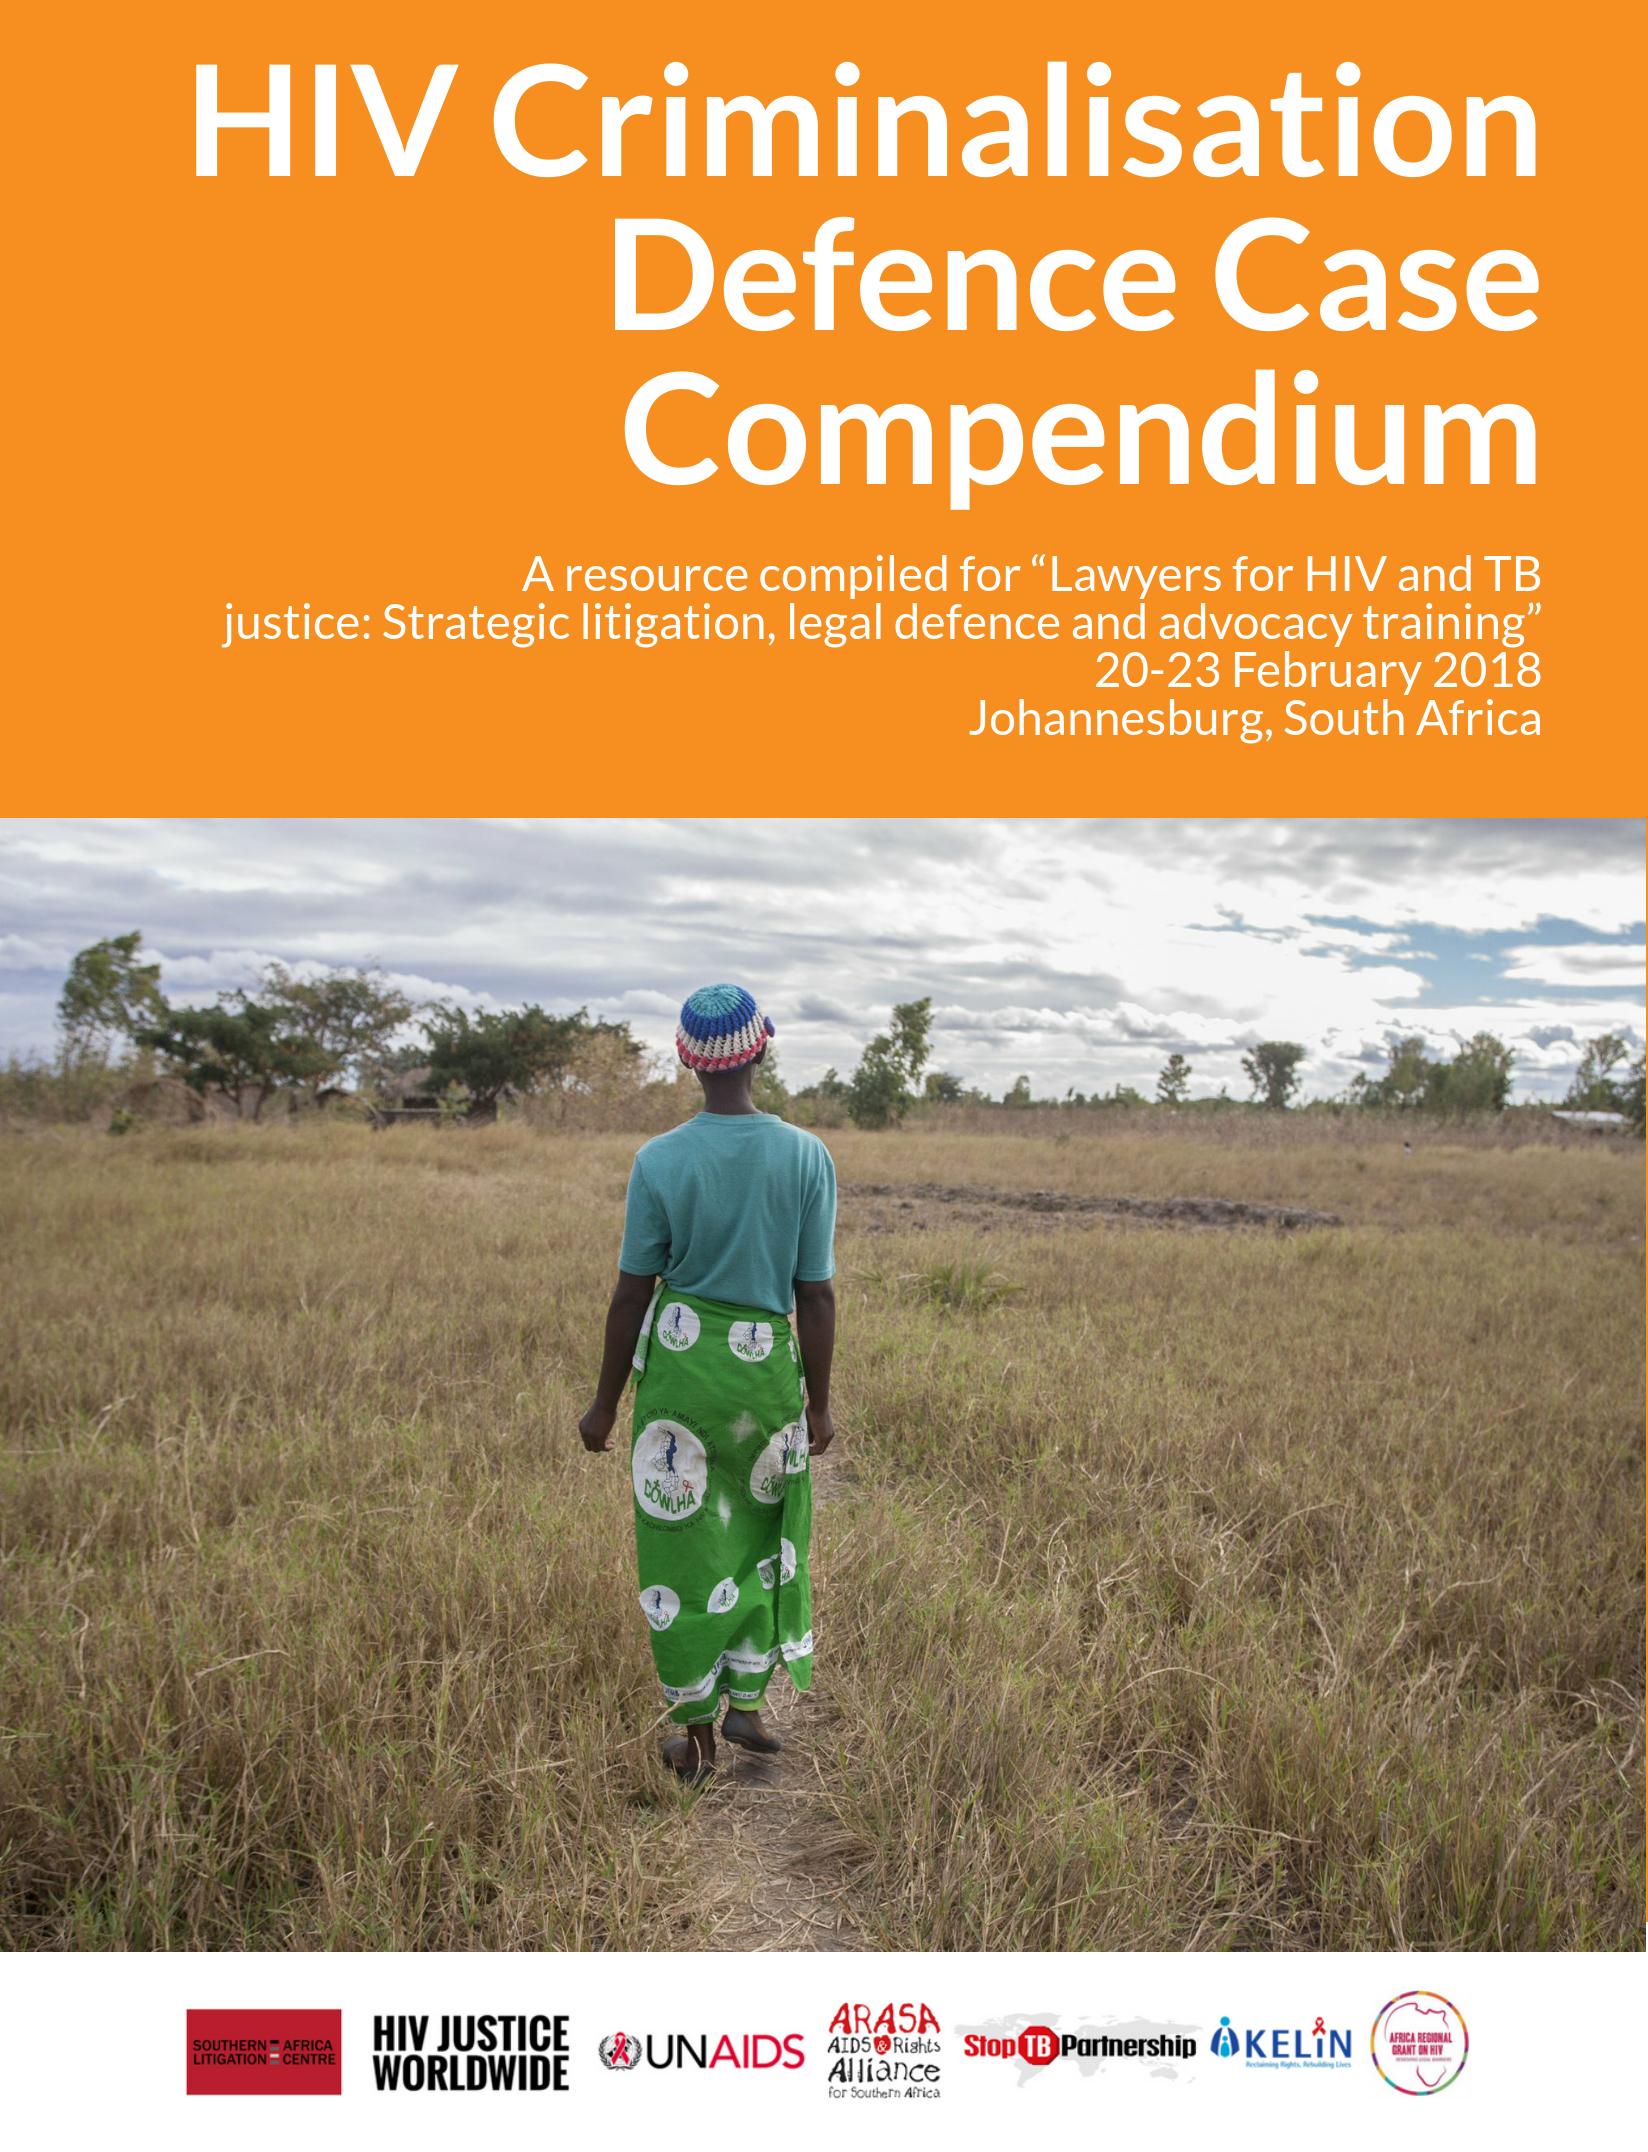 HIV Criminalisation Defence Case Compendium